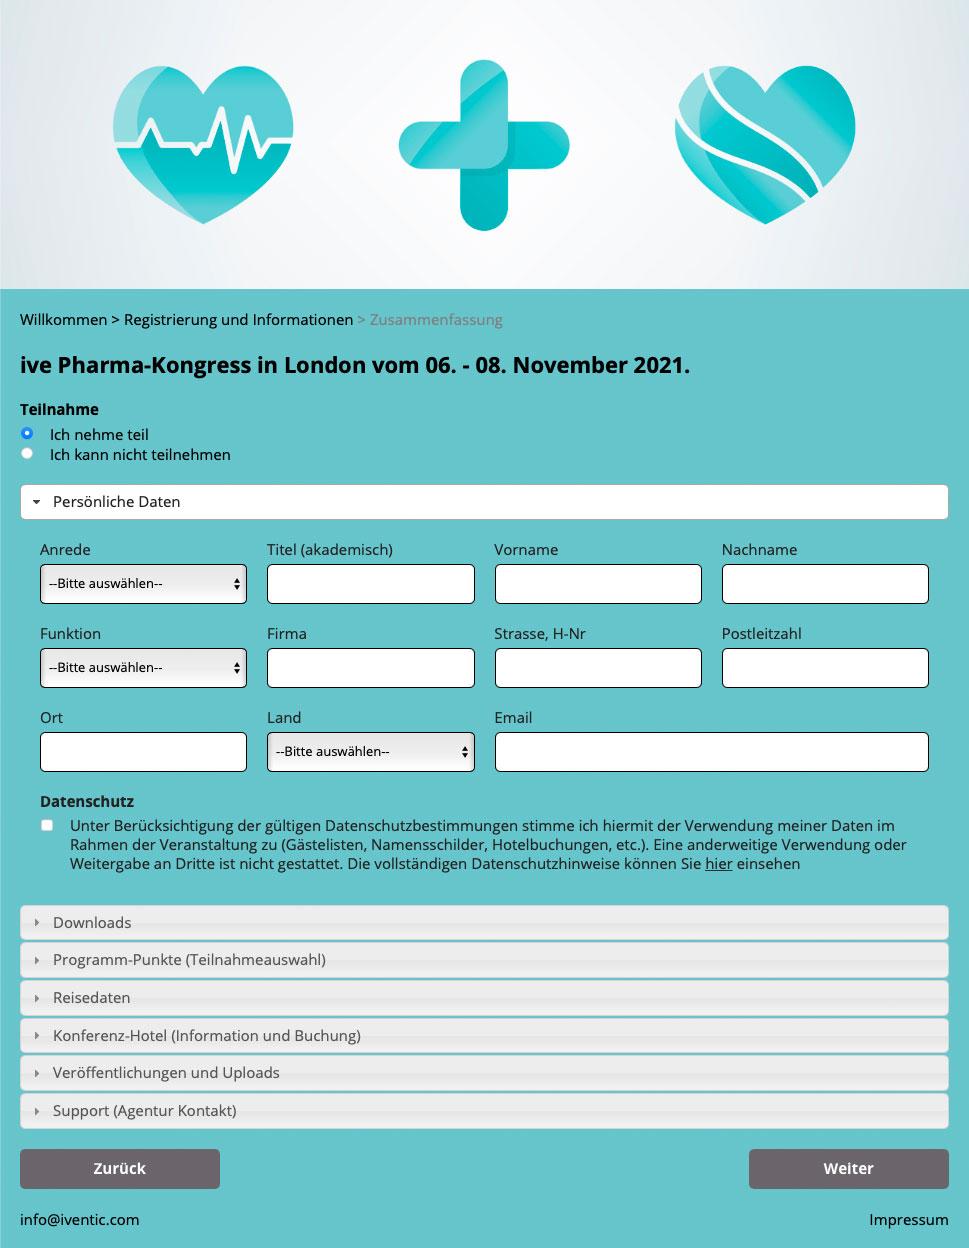 Registrierung - Corona-konformes Teilnehmer-Management mit iventic